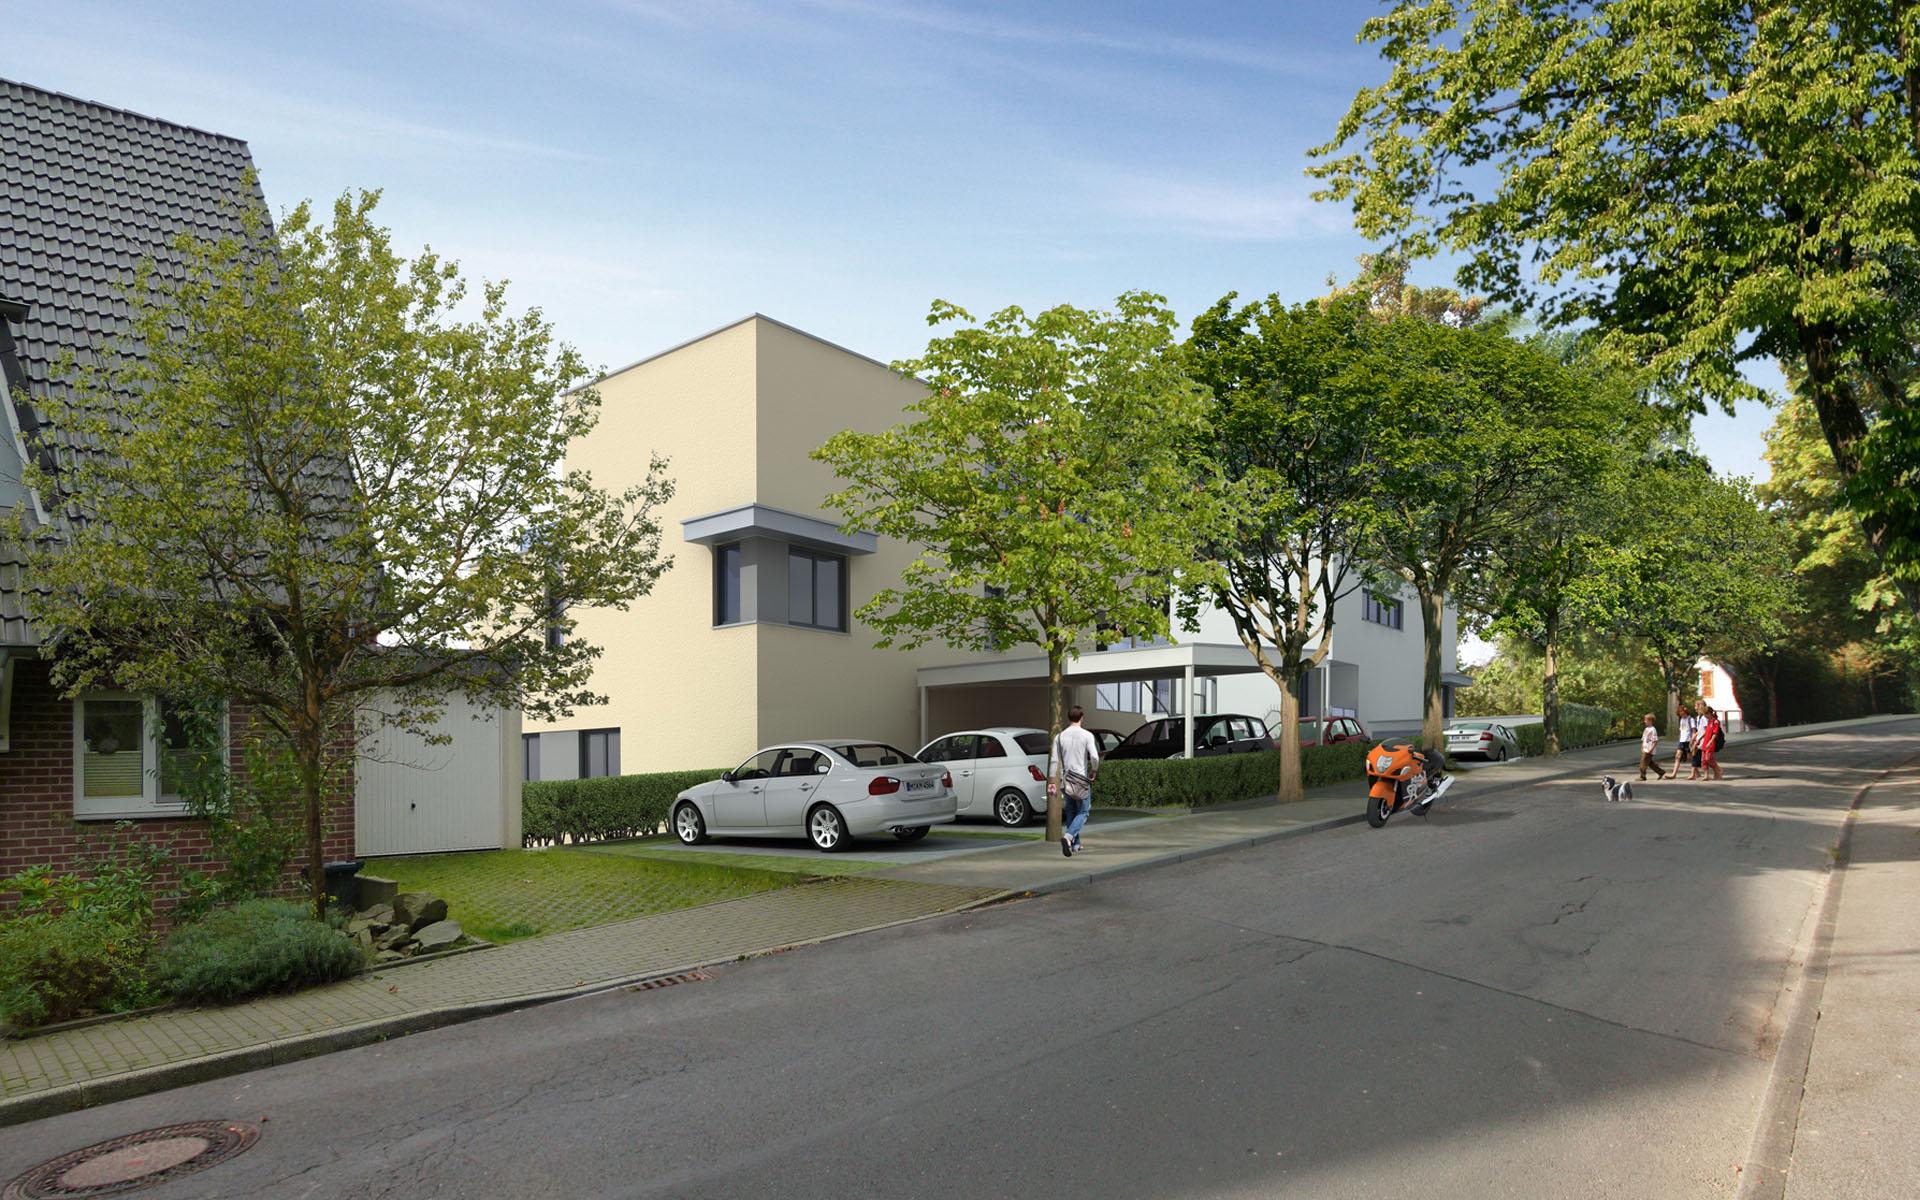 Mã Bel Hattingen woonpark hattingen